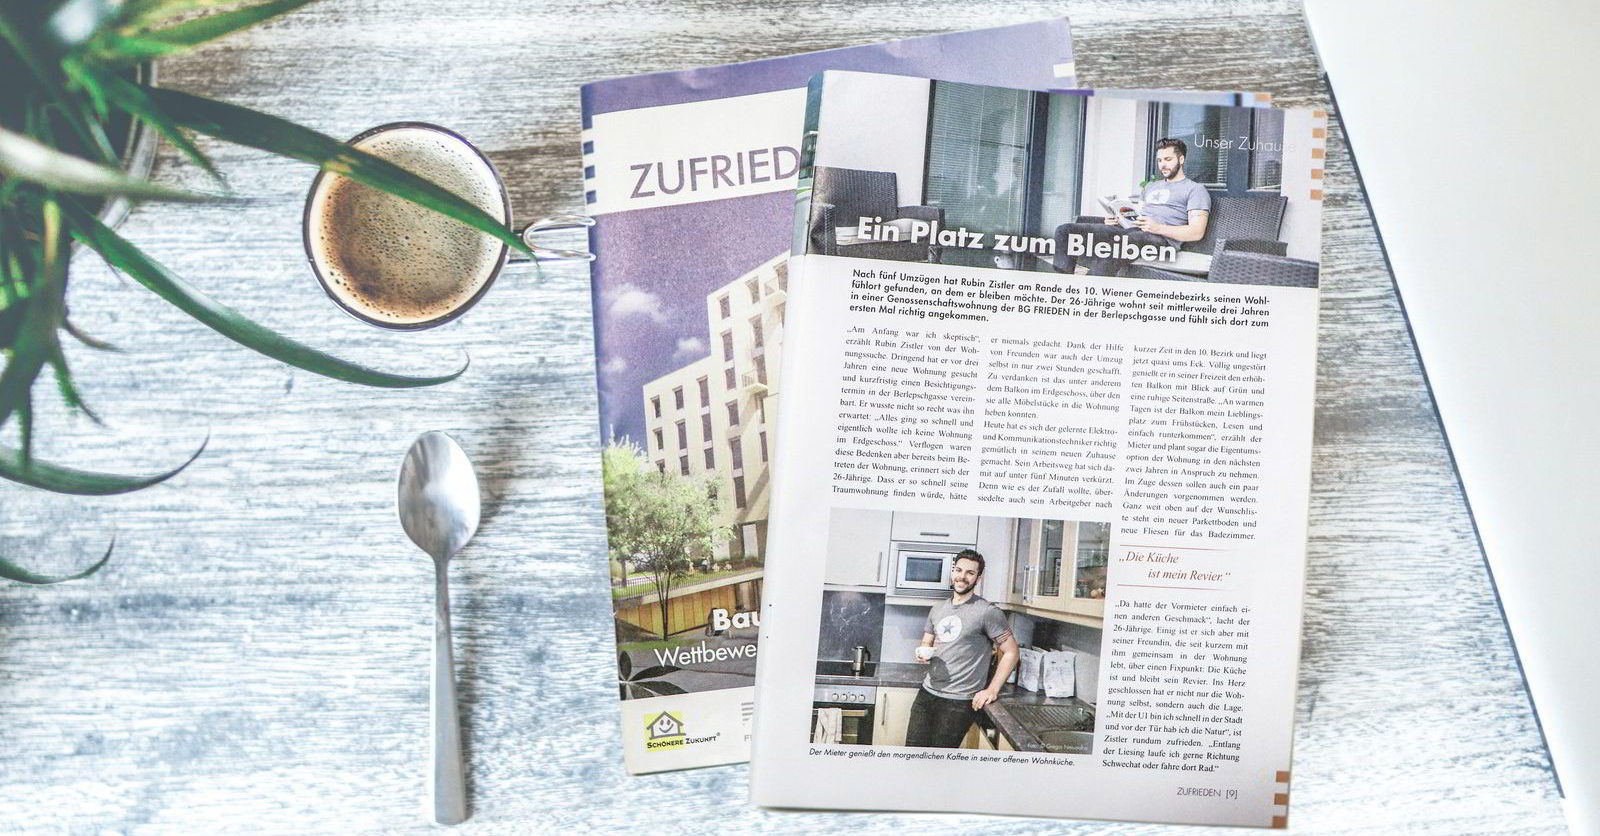 """""""ZUFRIEDEN"""": Das Bewohnermagazin Der Baugenossenschaft FRIEDEN"""